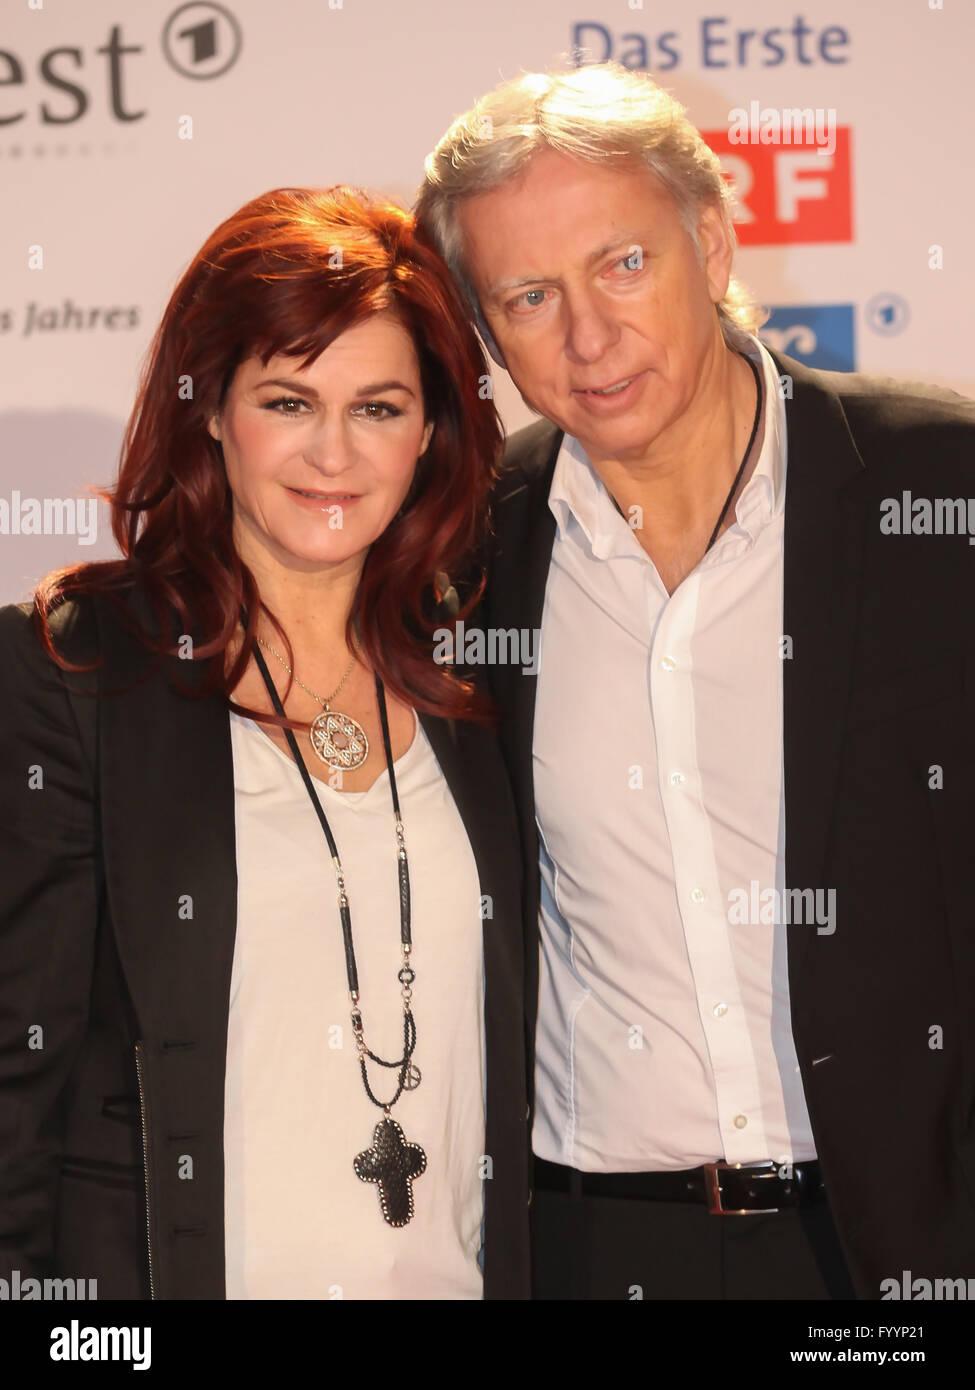 Sängerin Andrea Berg und Ulrich Ferber Stockfoto, Bild ...